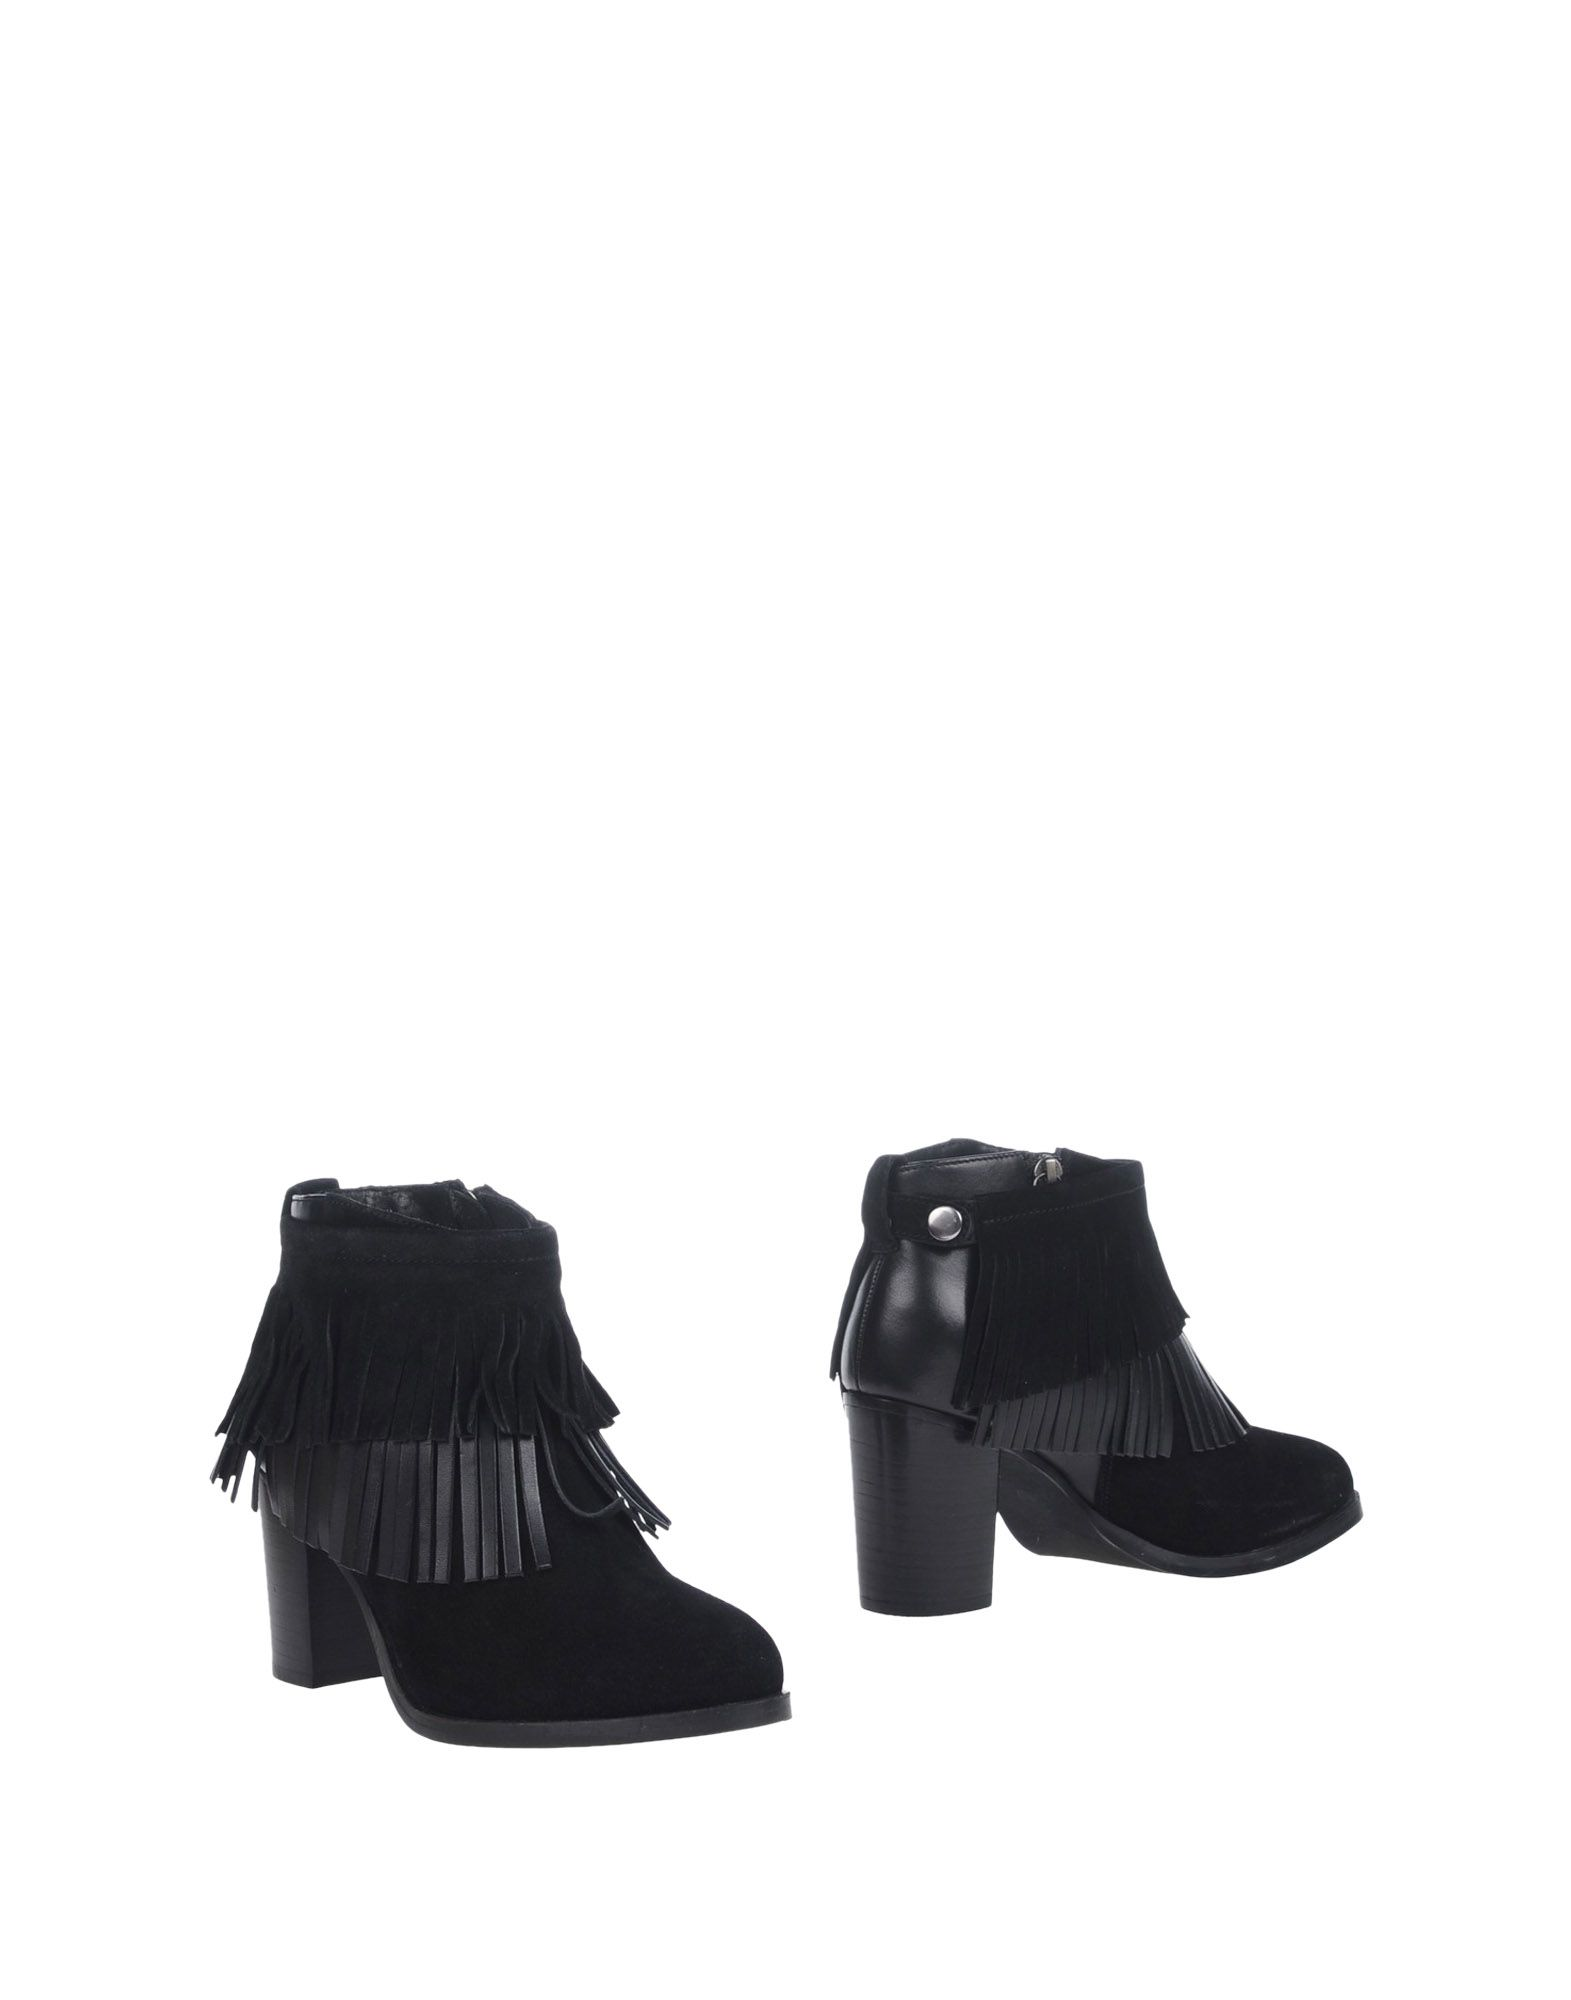 Gioseppo Stiefelette Damen  11223412SD Gute Qualität beliebte Schuhe